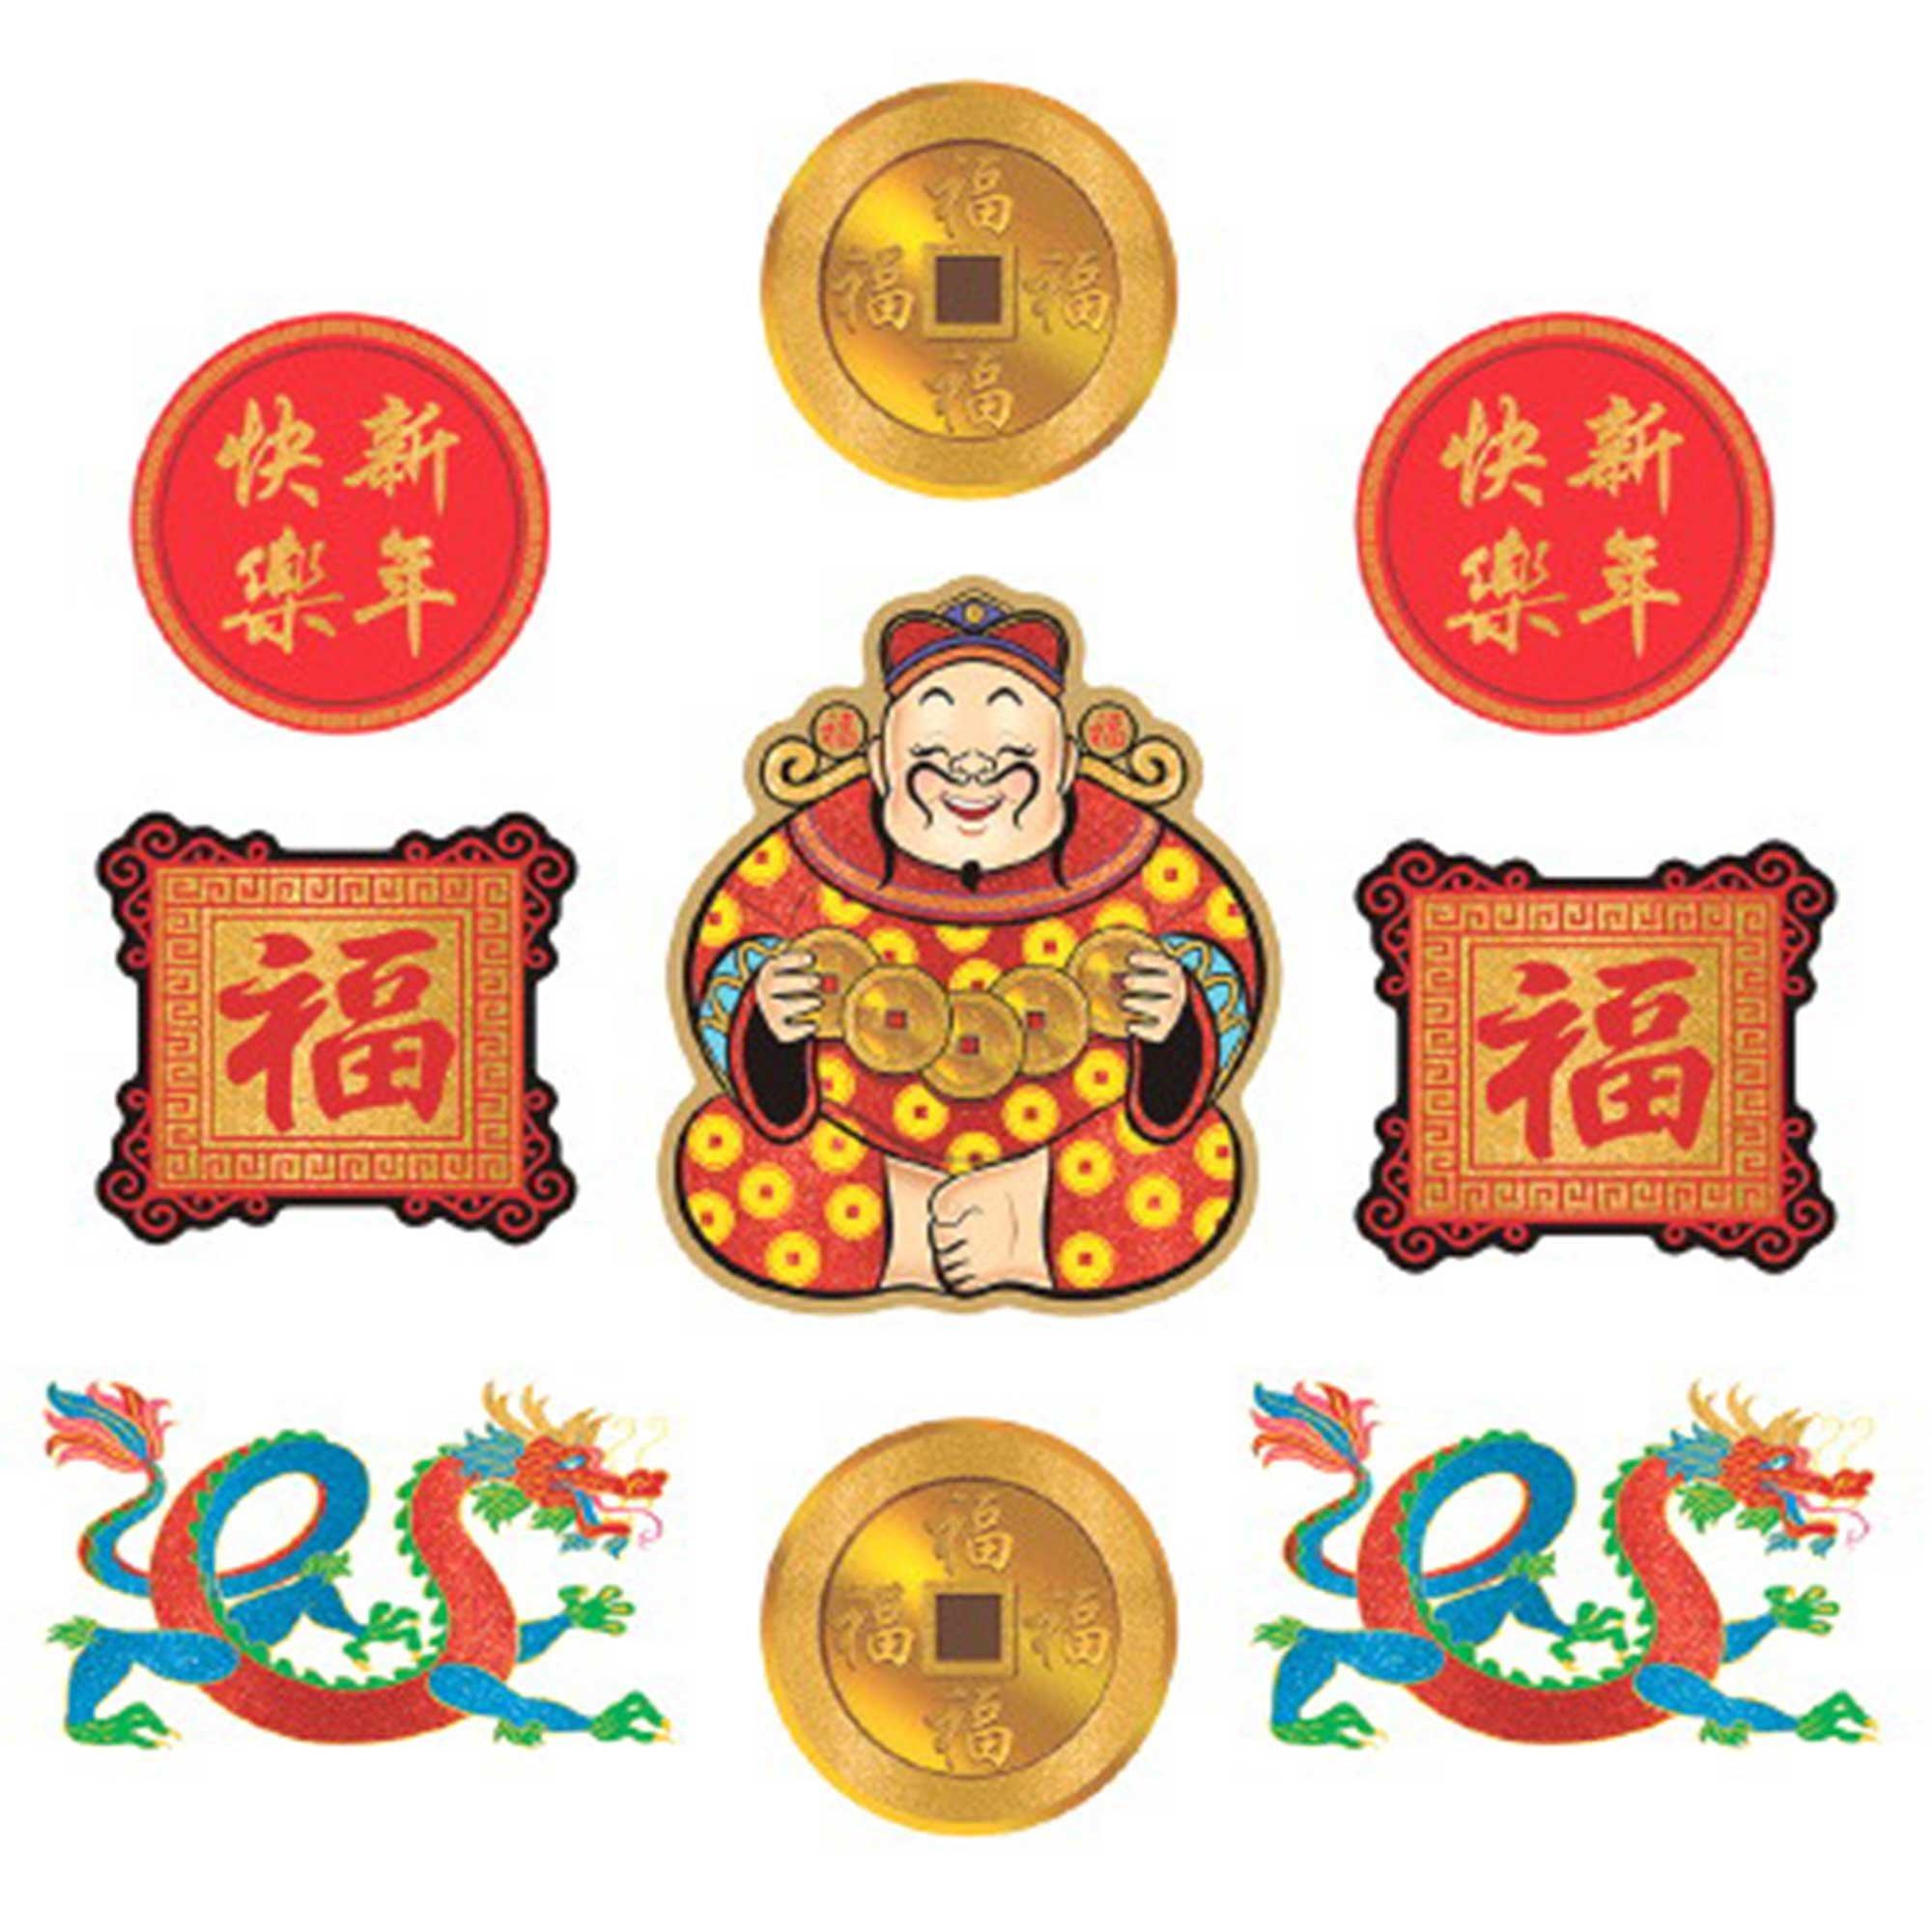 Chinese New Year Glitter Cardboard Cutouts